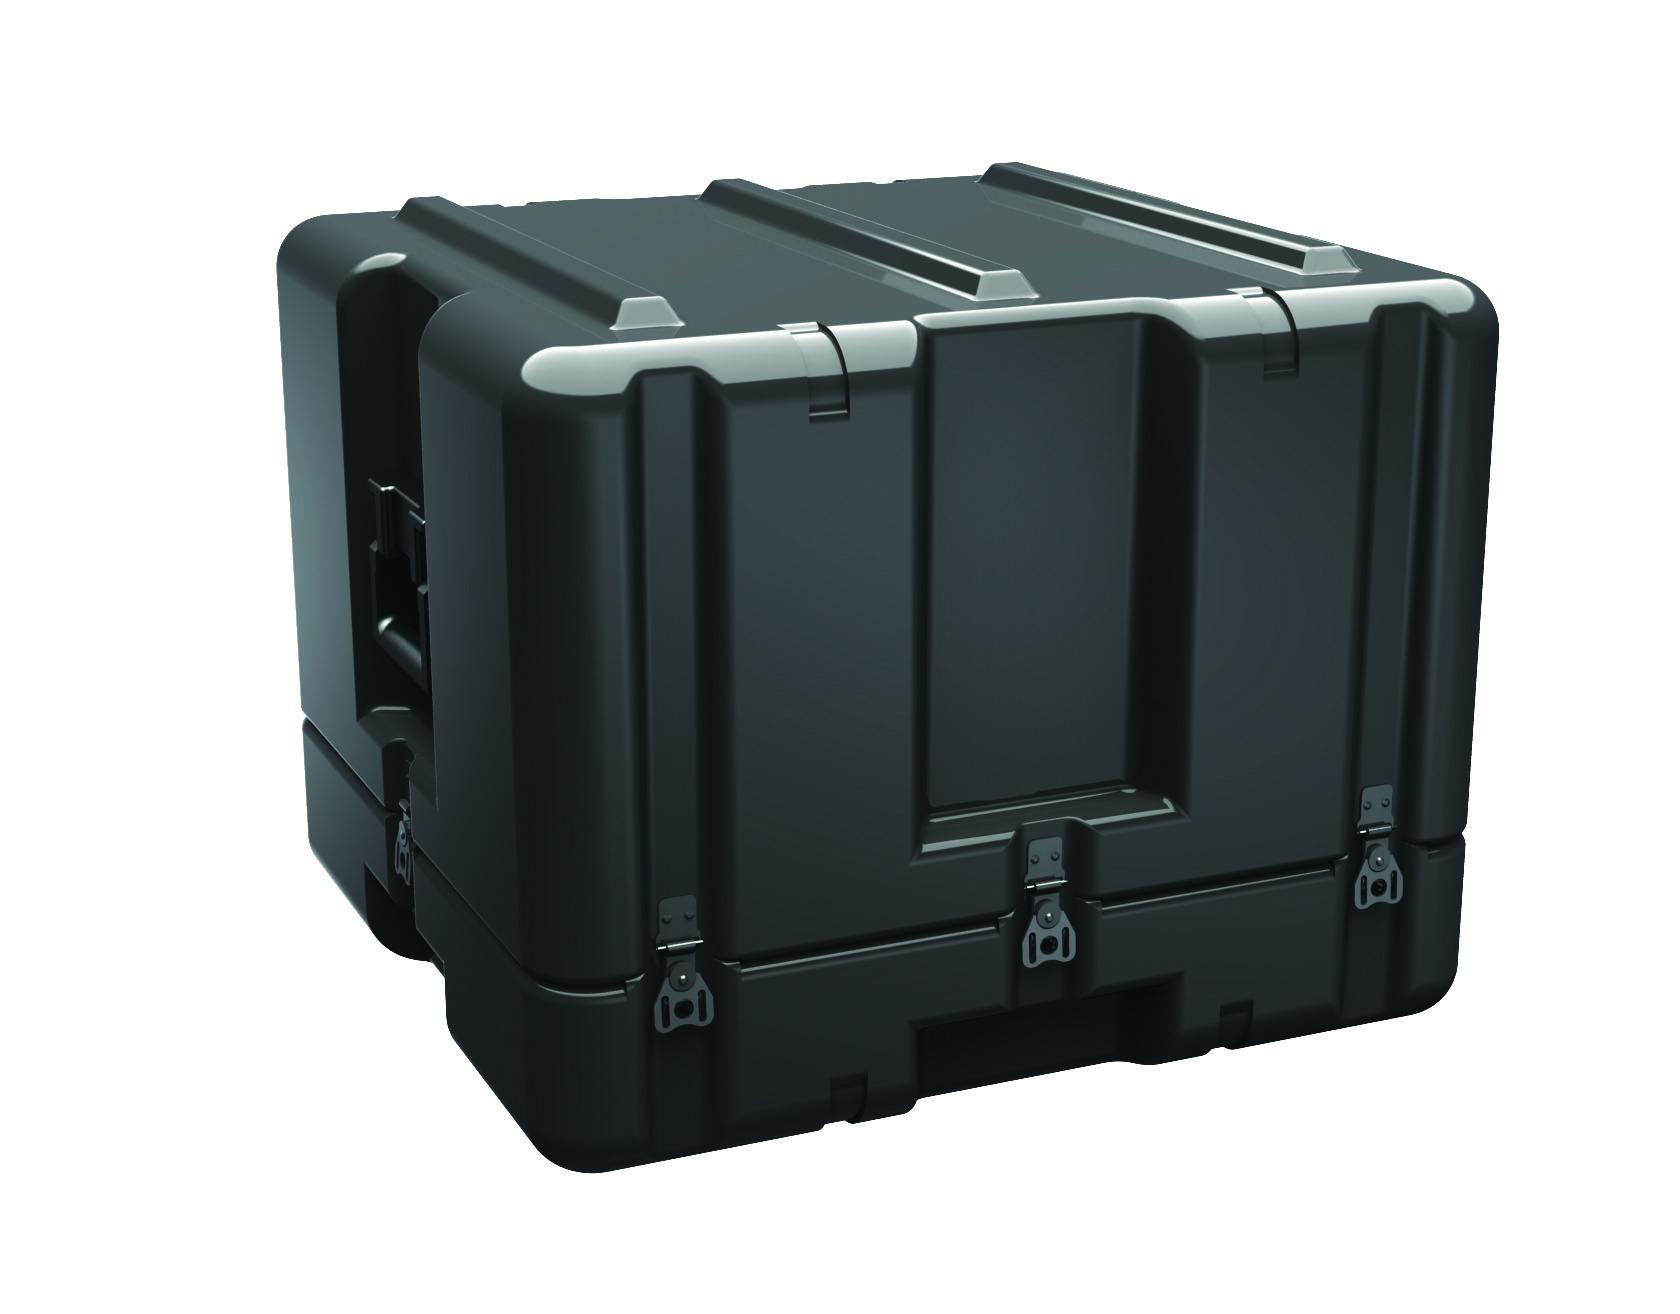 AL2221-0414 - Transport Cases AL2221-0414 Pelican Cube Case